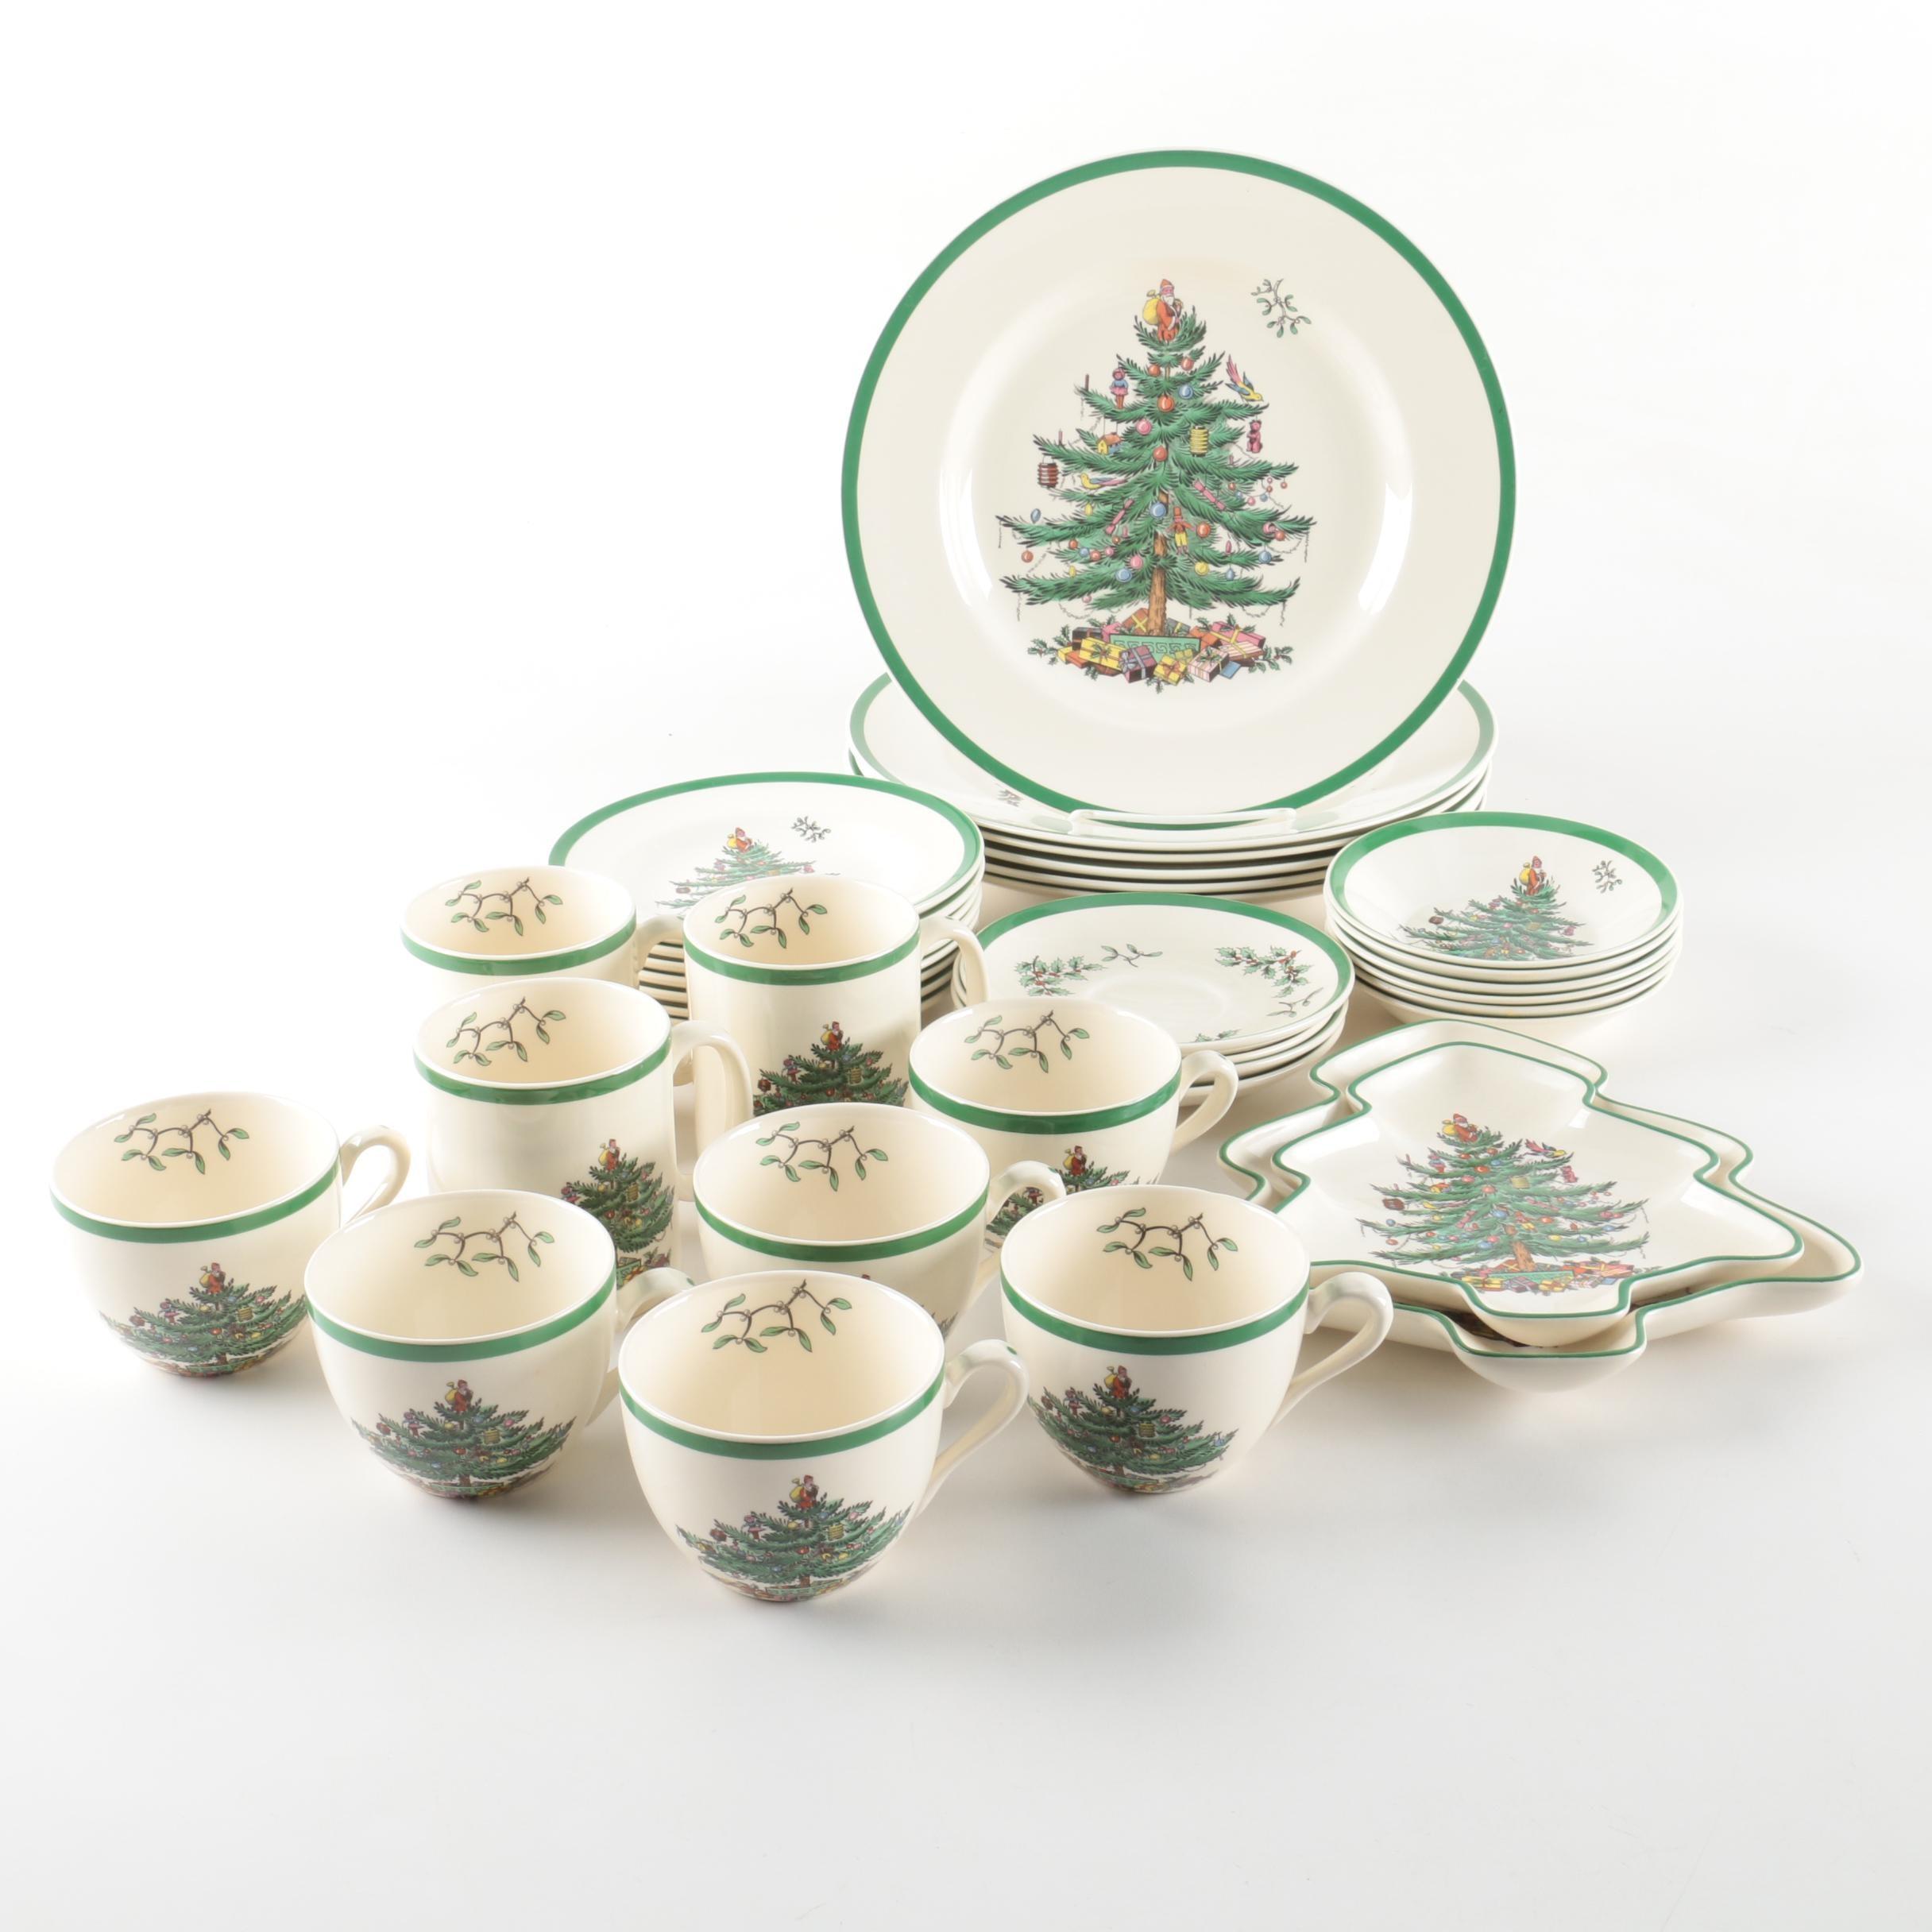 Spode  Christmas Tree  Holiday Dinnerware ...  sc 1 st  EBTH.com & Spode